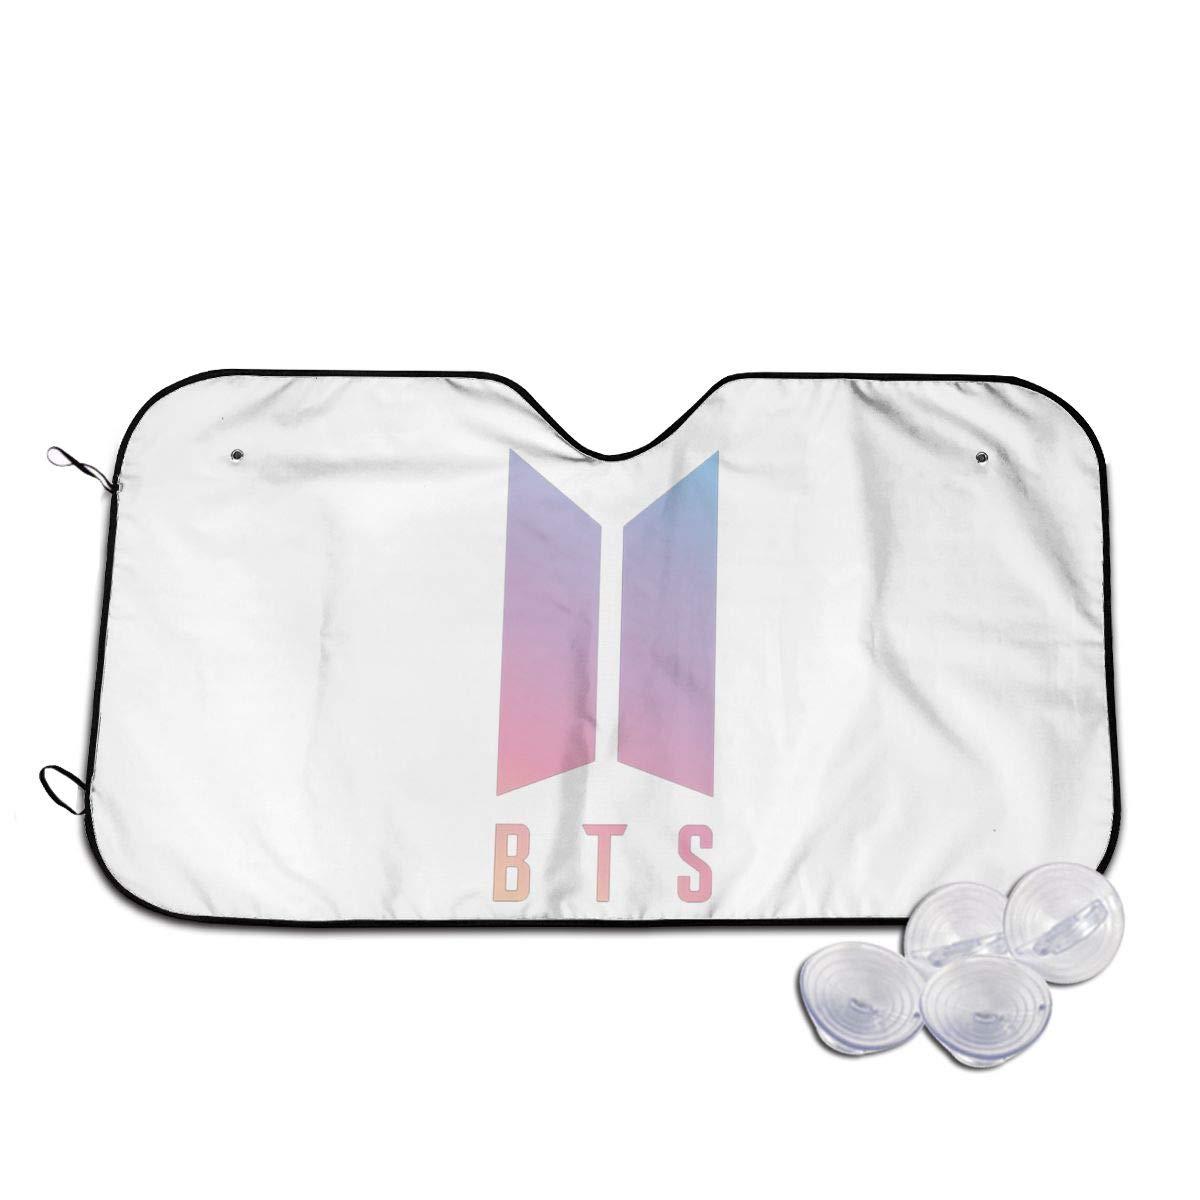 Dongninglove BTS Logo Windshield Sun Shade Universal Car Sunshade Keep Cool UV Sun Reflector